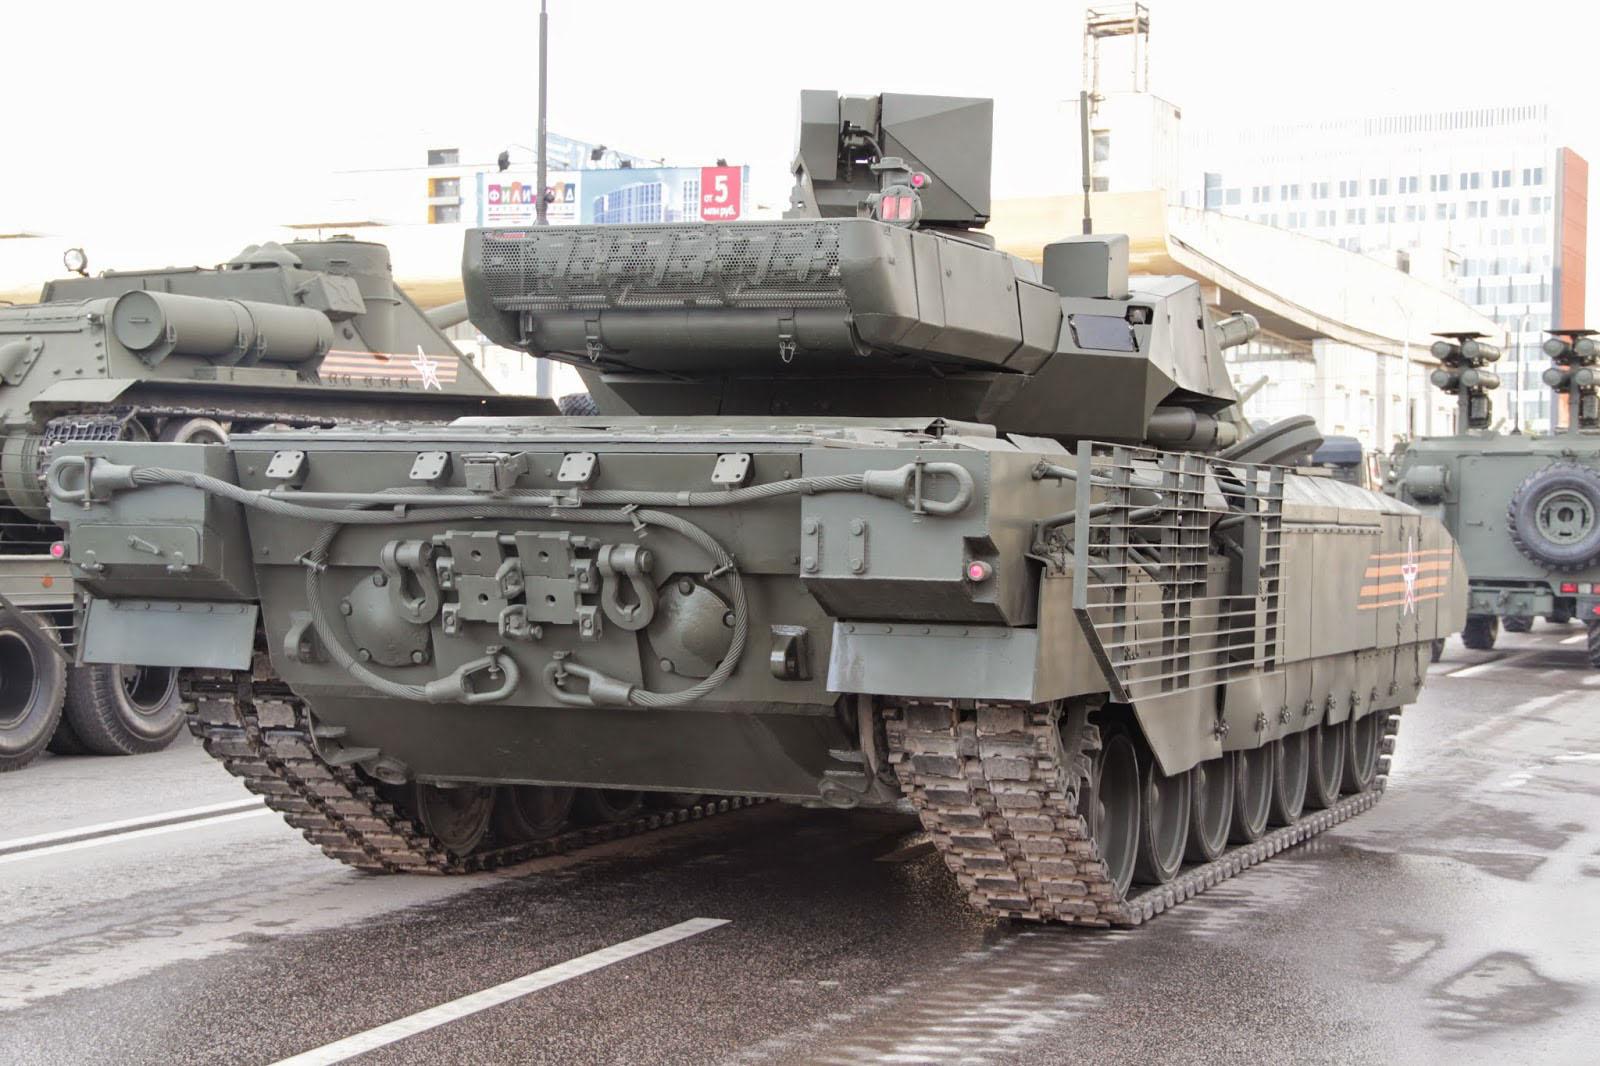 Armata: ¿el robotanque ruso? - Página 2 0_131a9d_a1cbb1b9_orig